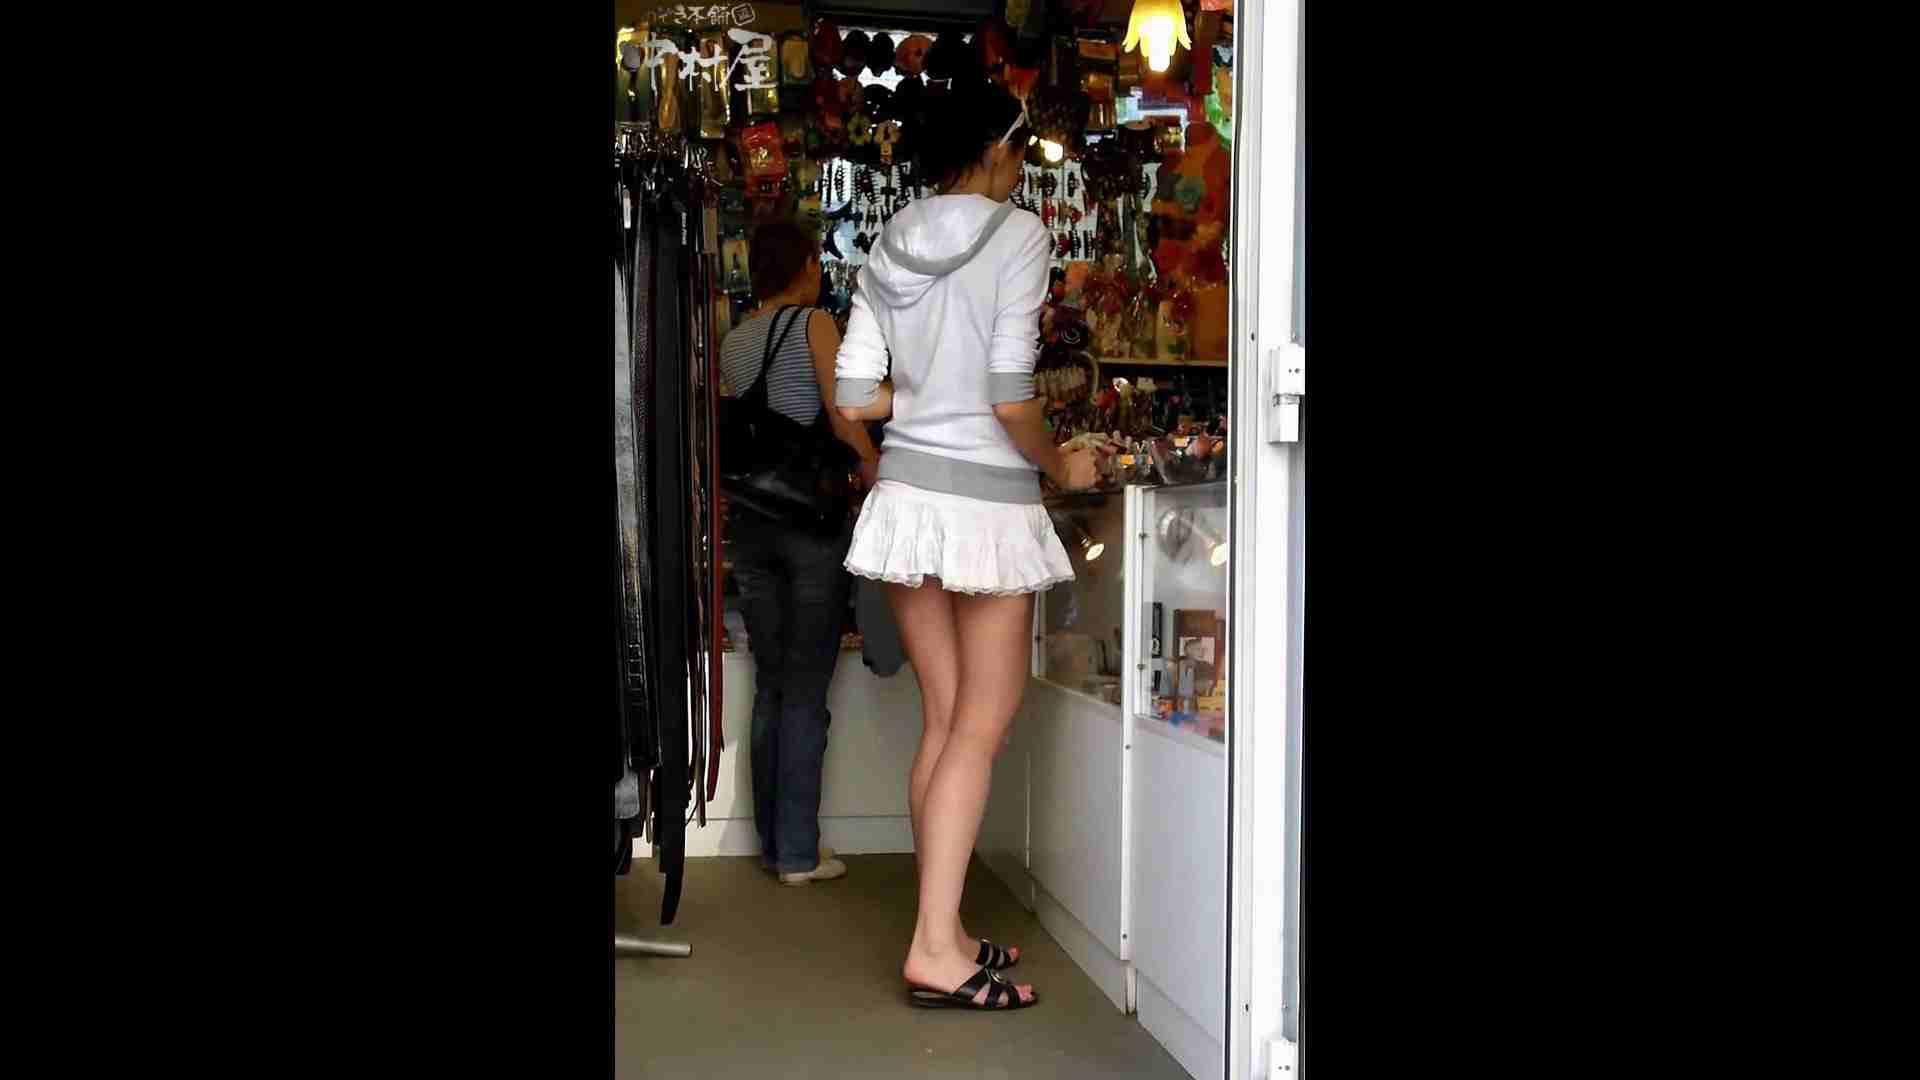 綺麗なモデルさんのスカート捲っちゃおう‼ vol17 お姉さんのエロ動画  94PIX 2